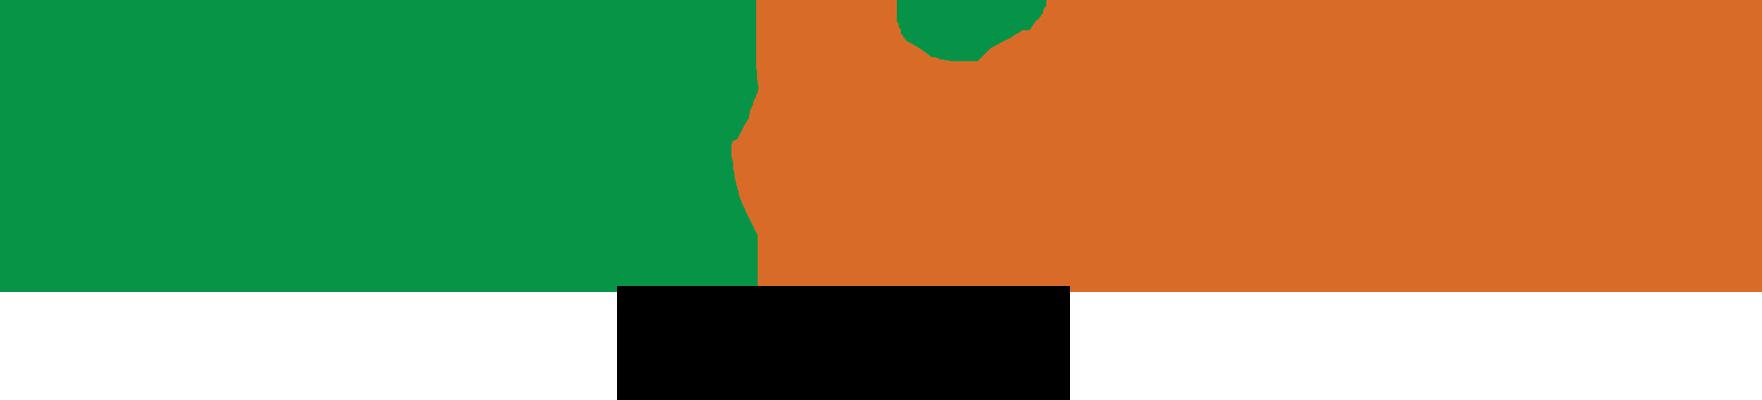 Super Orange Media